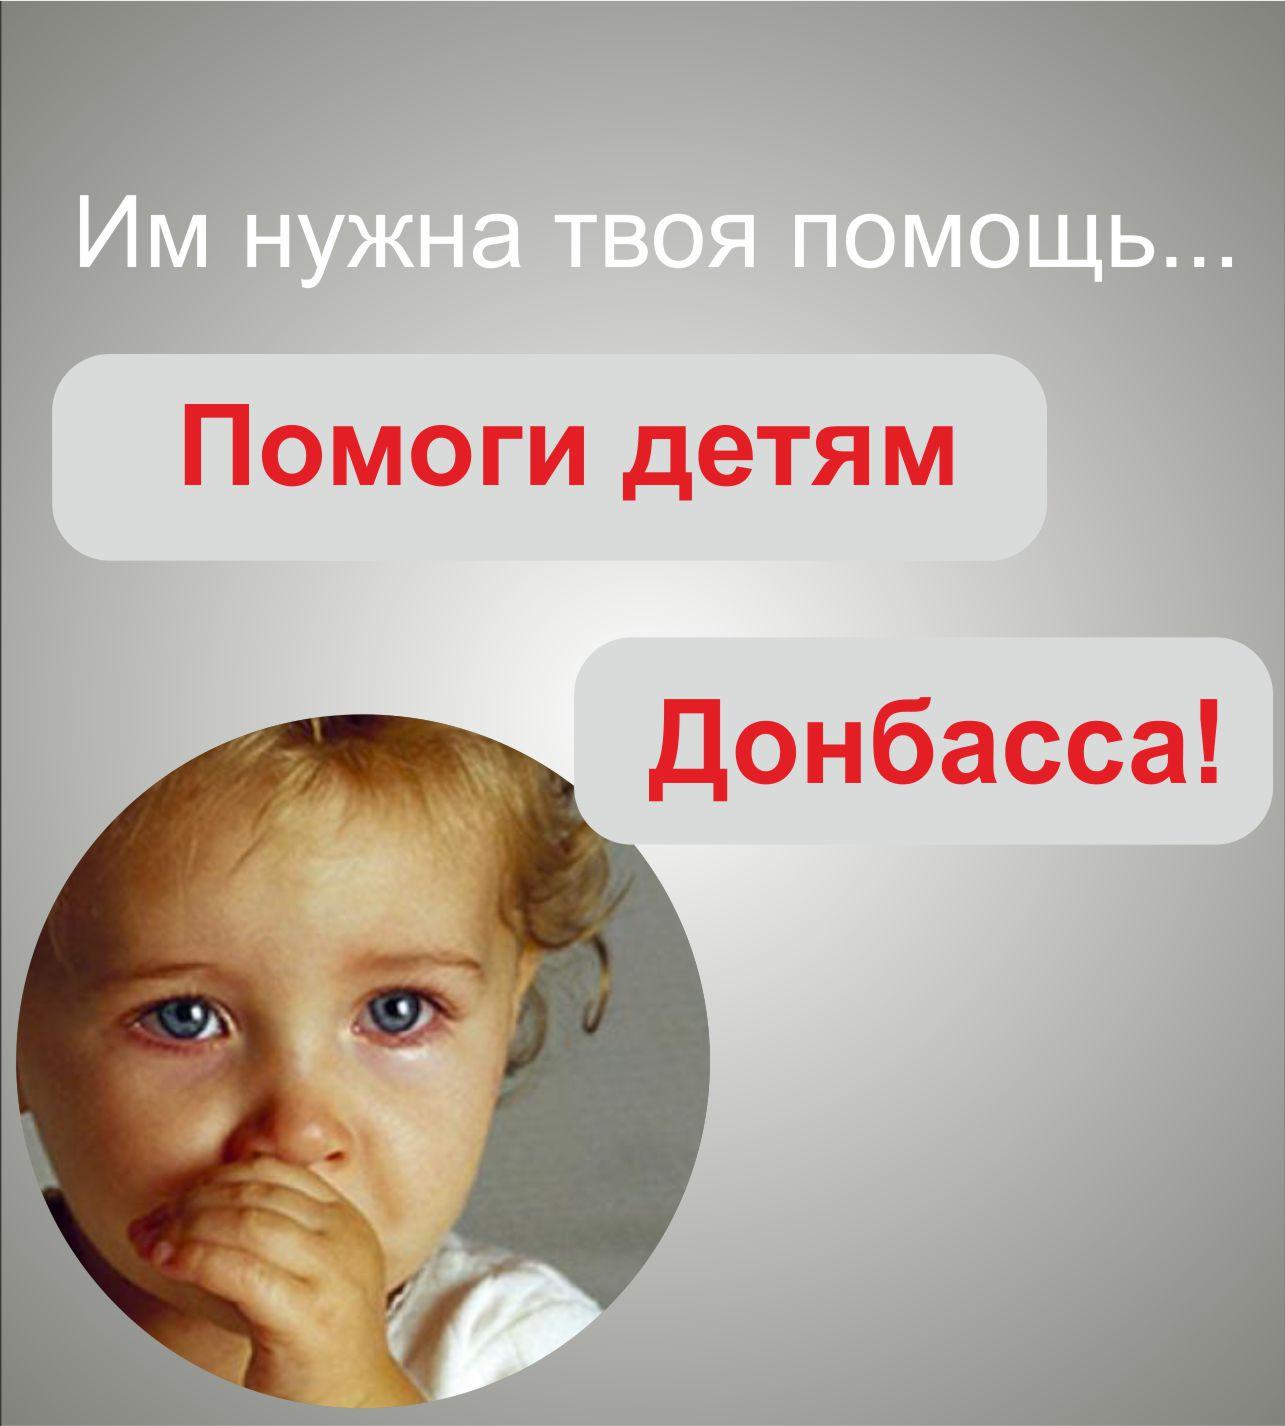 image-8882